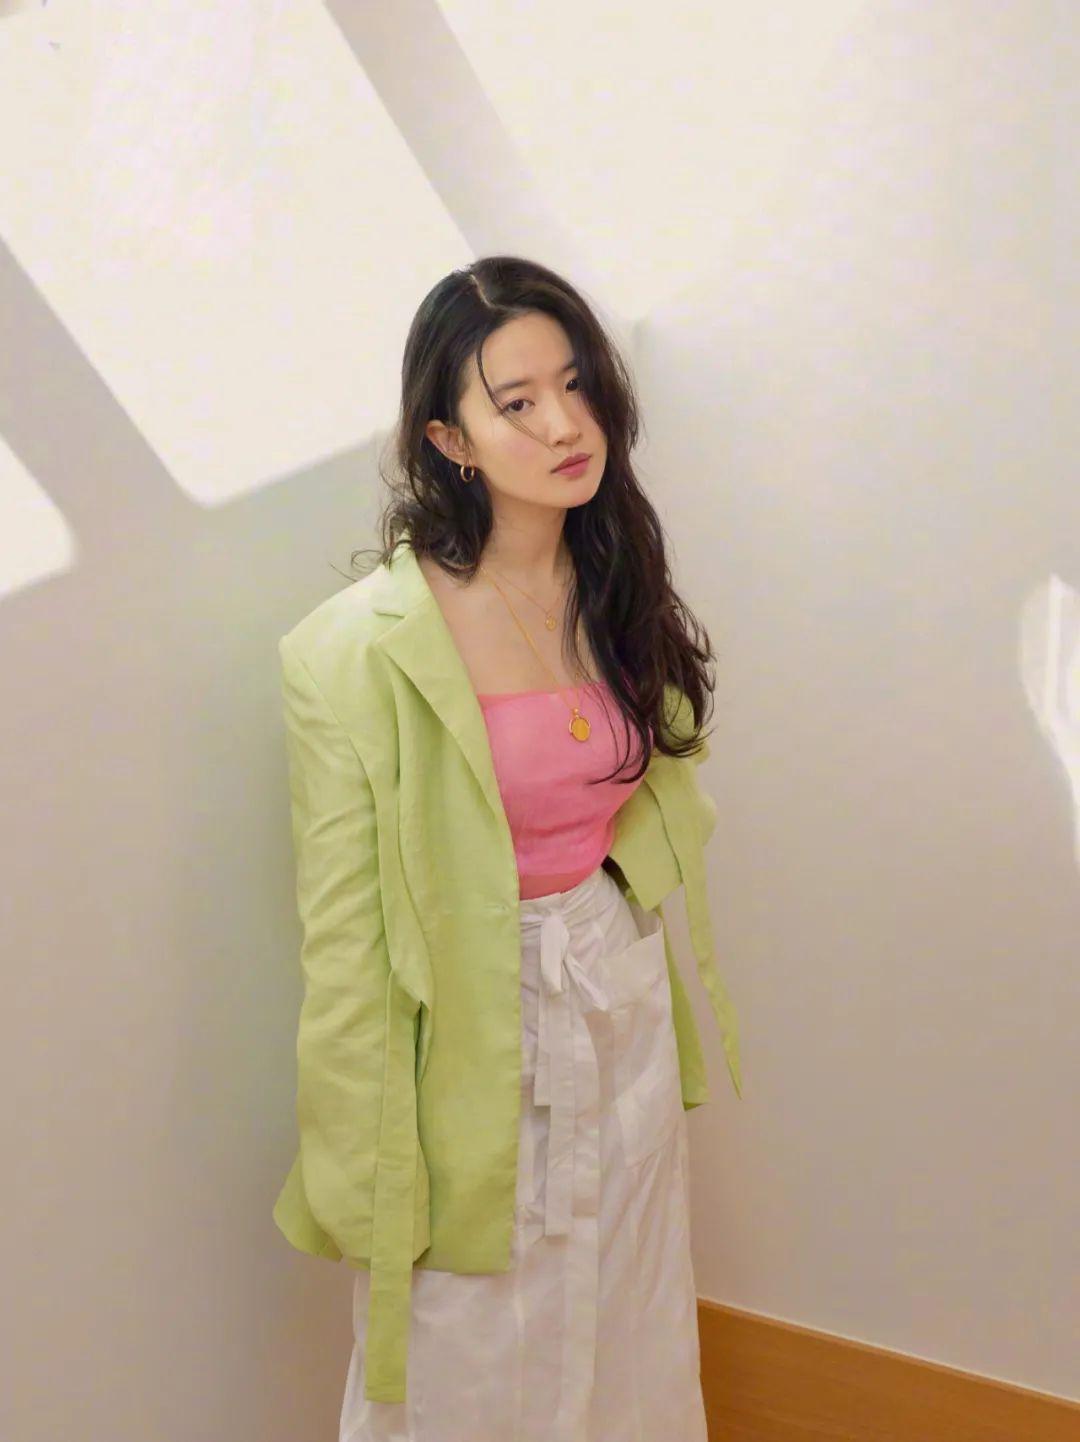 妹子写真 – 刘亦菲和佟丽娅,这个年纪的知性美!_图片 No.14